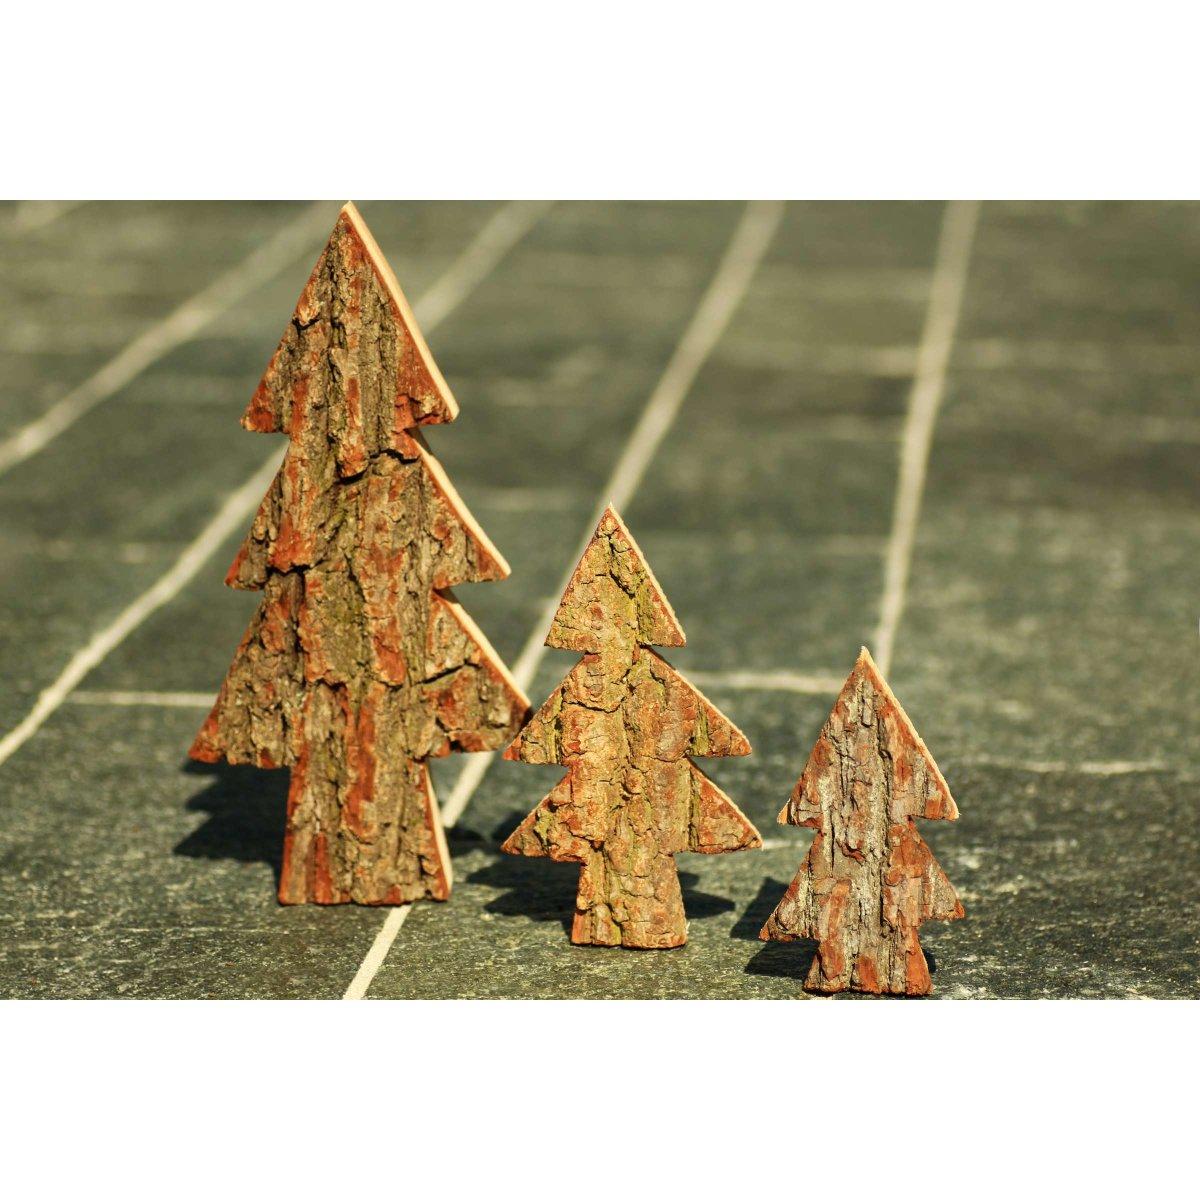 Weihnachtsdeko Rinde.3x Holz Tanne Baum Set Aus Eiche Massivholz Mit Rinde Xl Höhe Ca